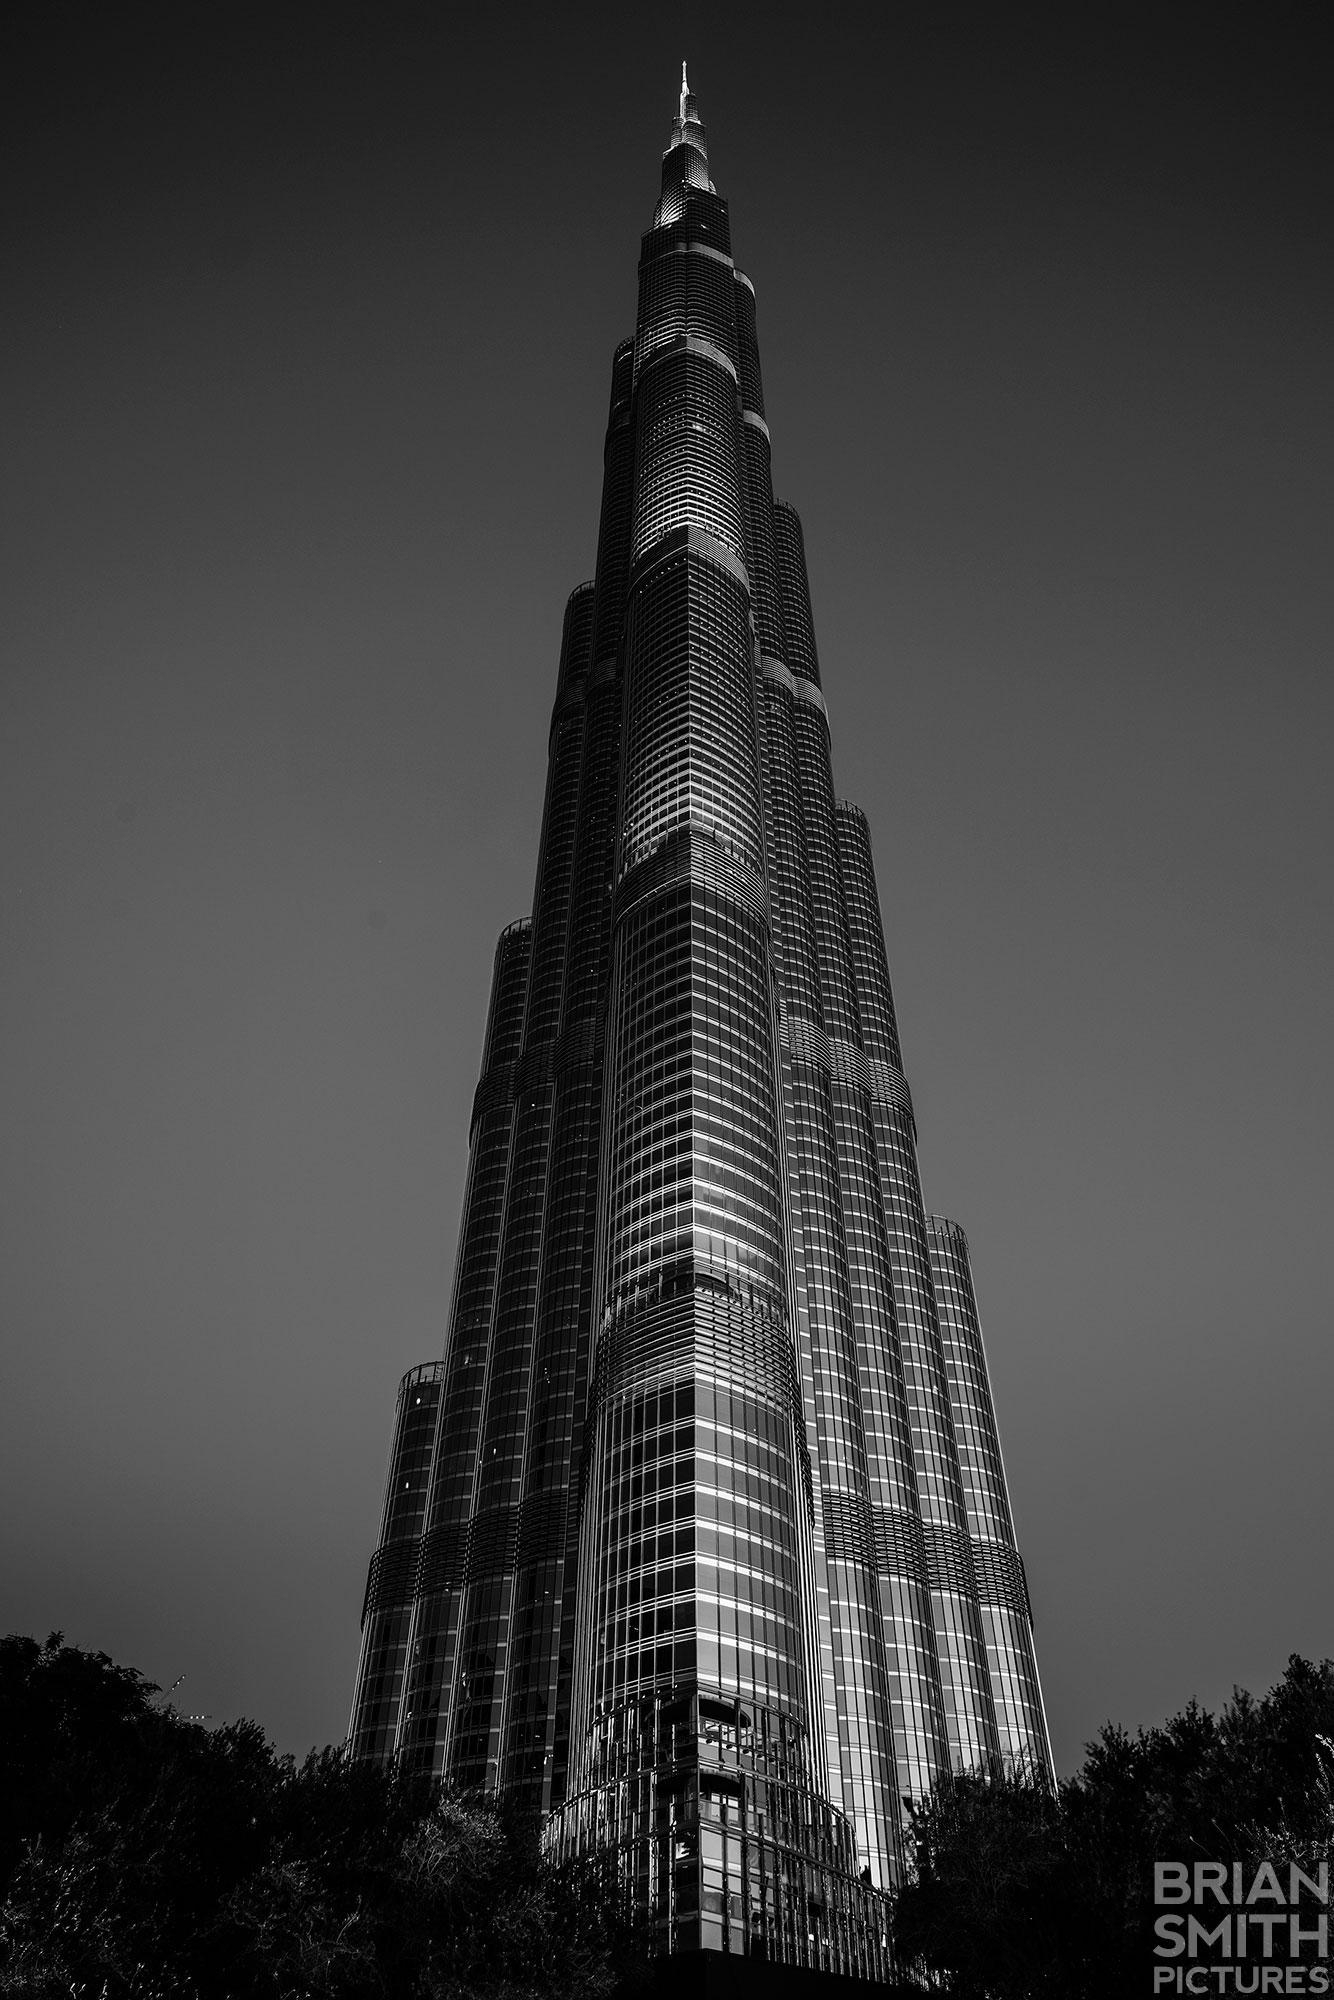 Burj Khalifa, Dubai, United Arab Emirates photographed with Sony G Master 24-70mm Lens